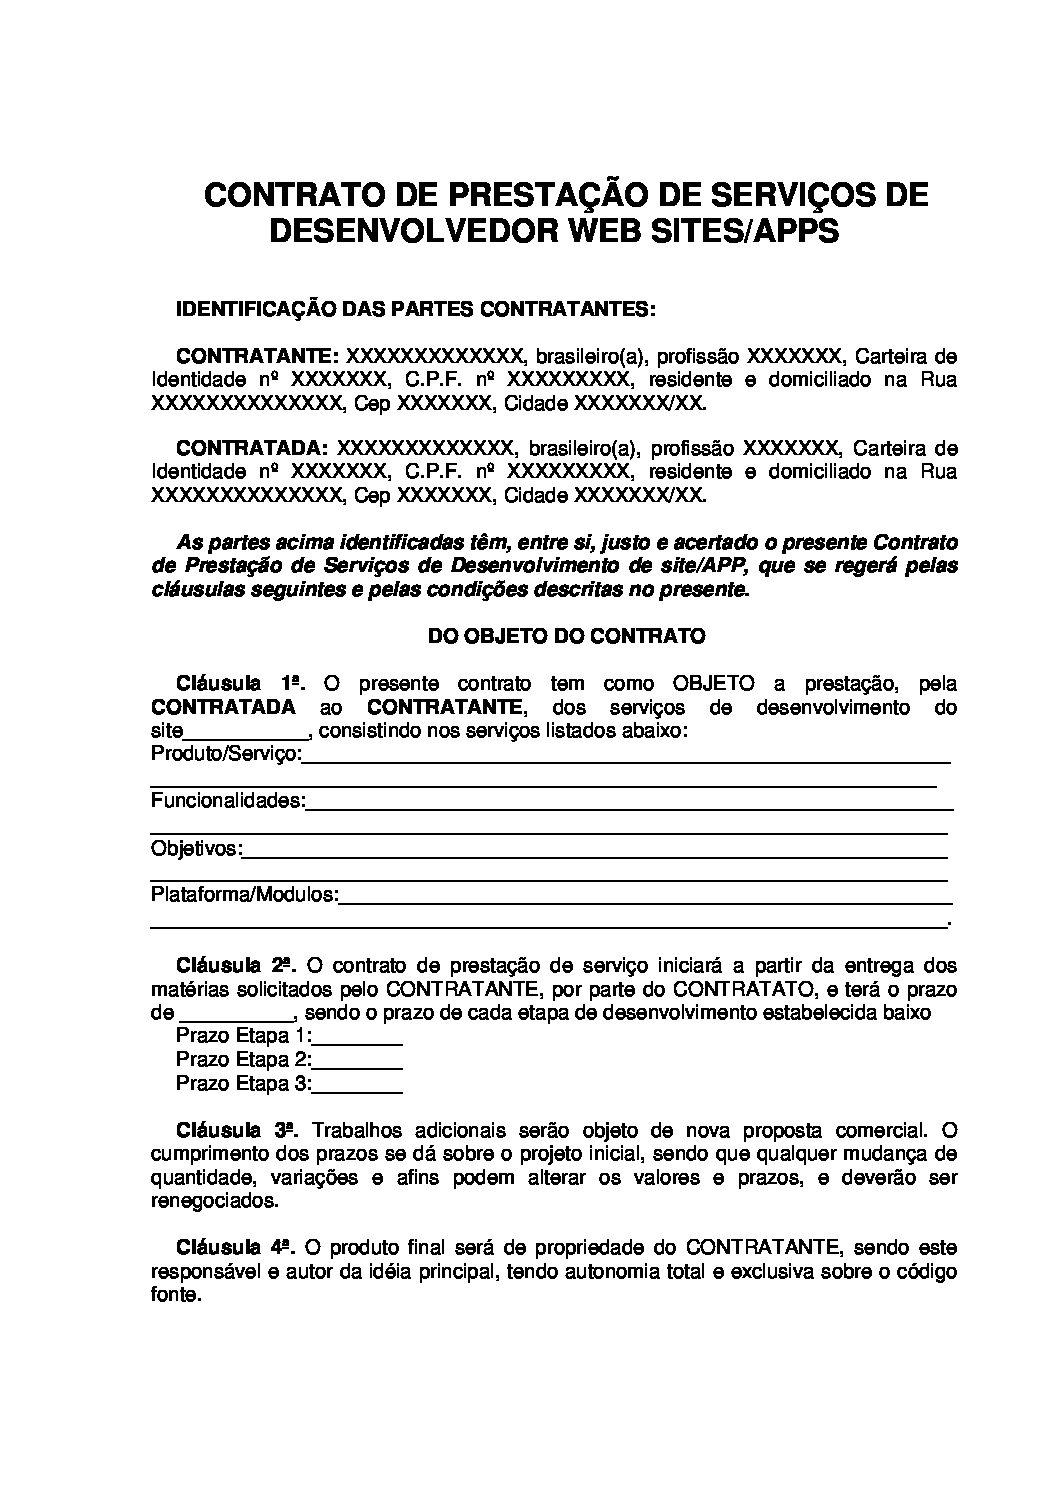 Contrato de Serviço de Desenvolvedor de Site/APP